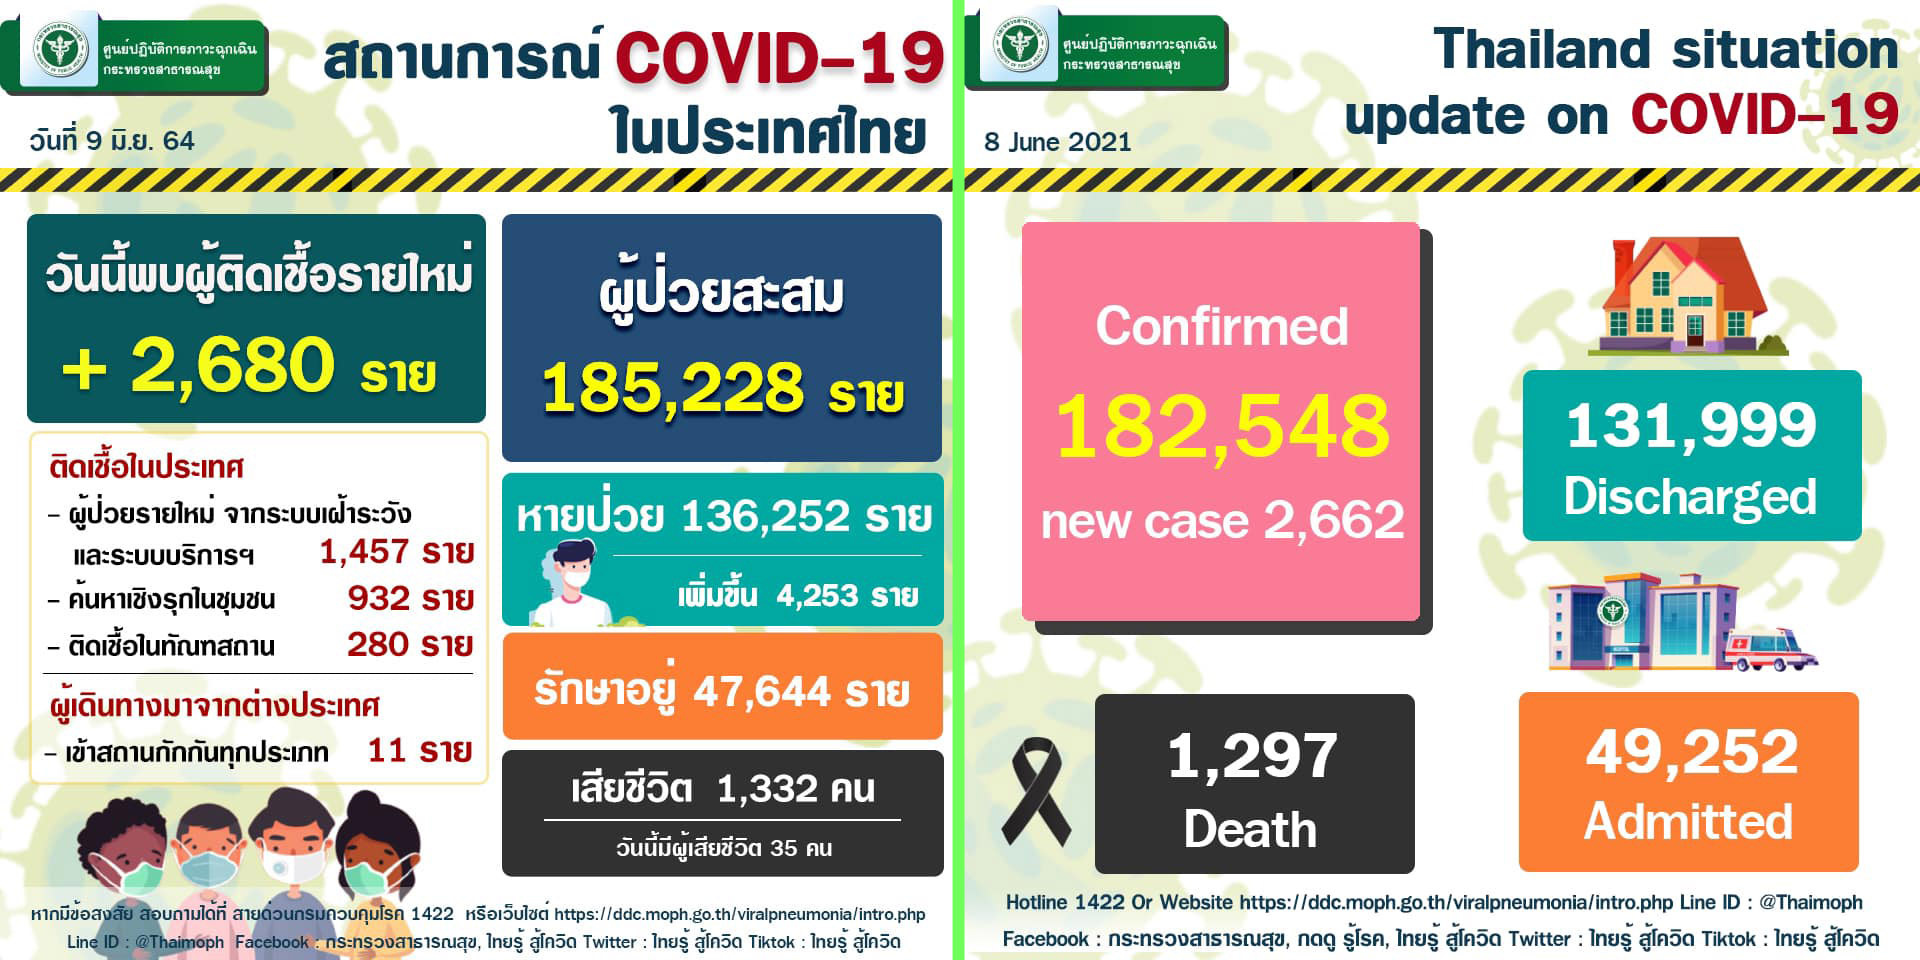 2021年6月9日泰國新冠肺炎確診數據.jpg